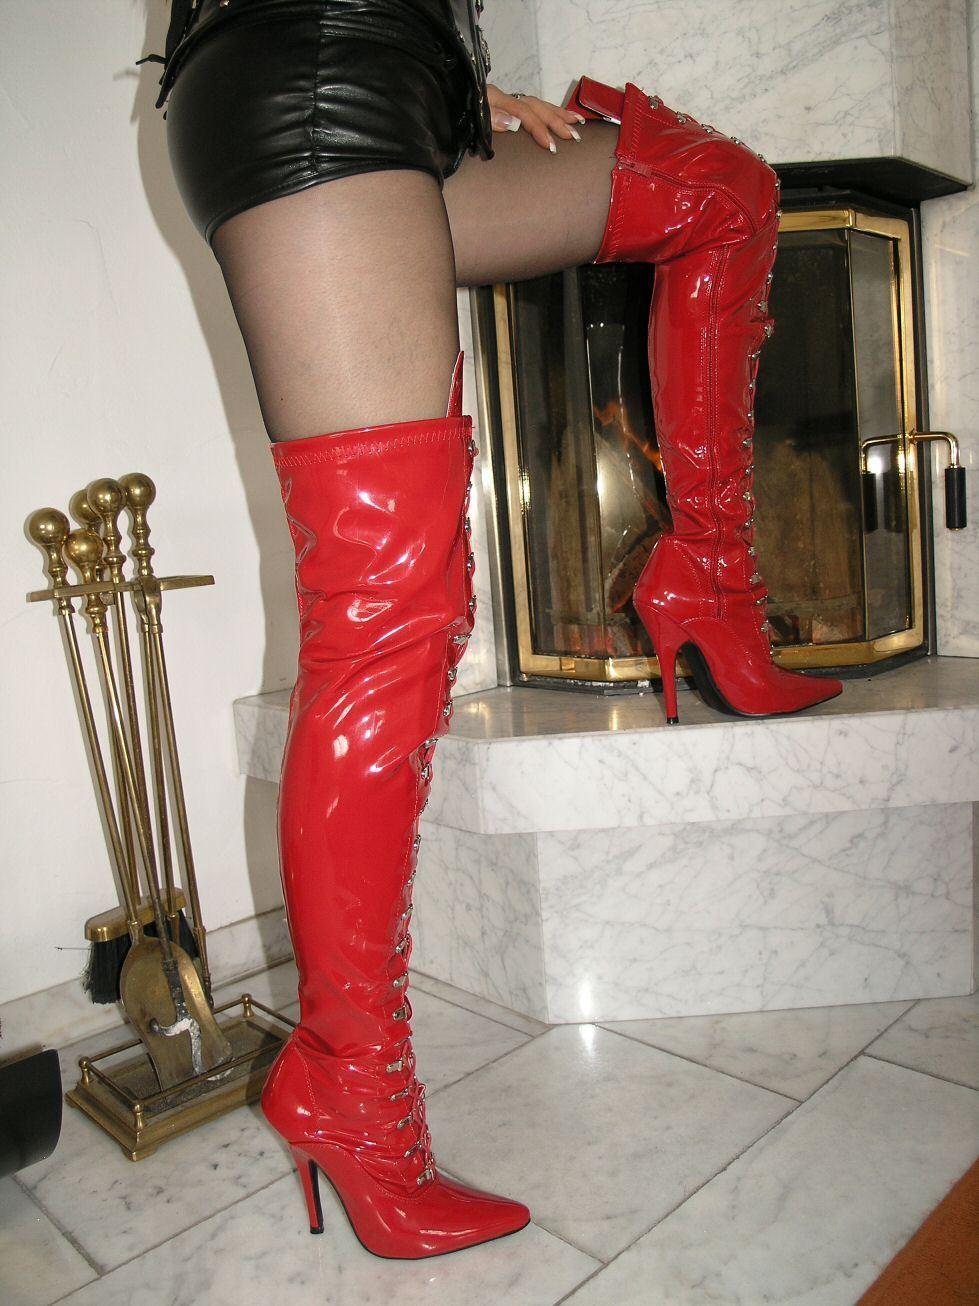 VERNICE STILETTO tacchi alti stivali sopra il ginocchio ROSSO Tacco 40 Stiletto Tacco ROSSO Lacci 0915b2